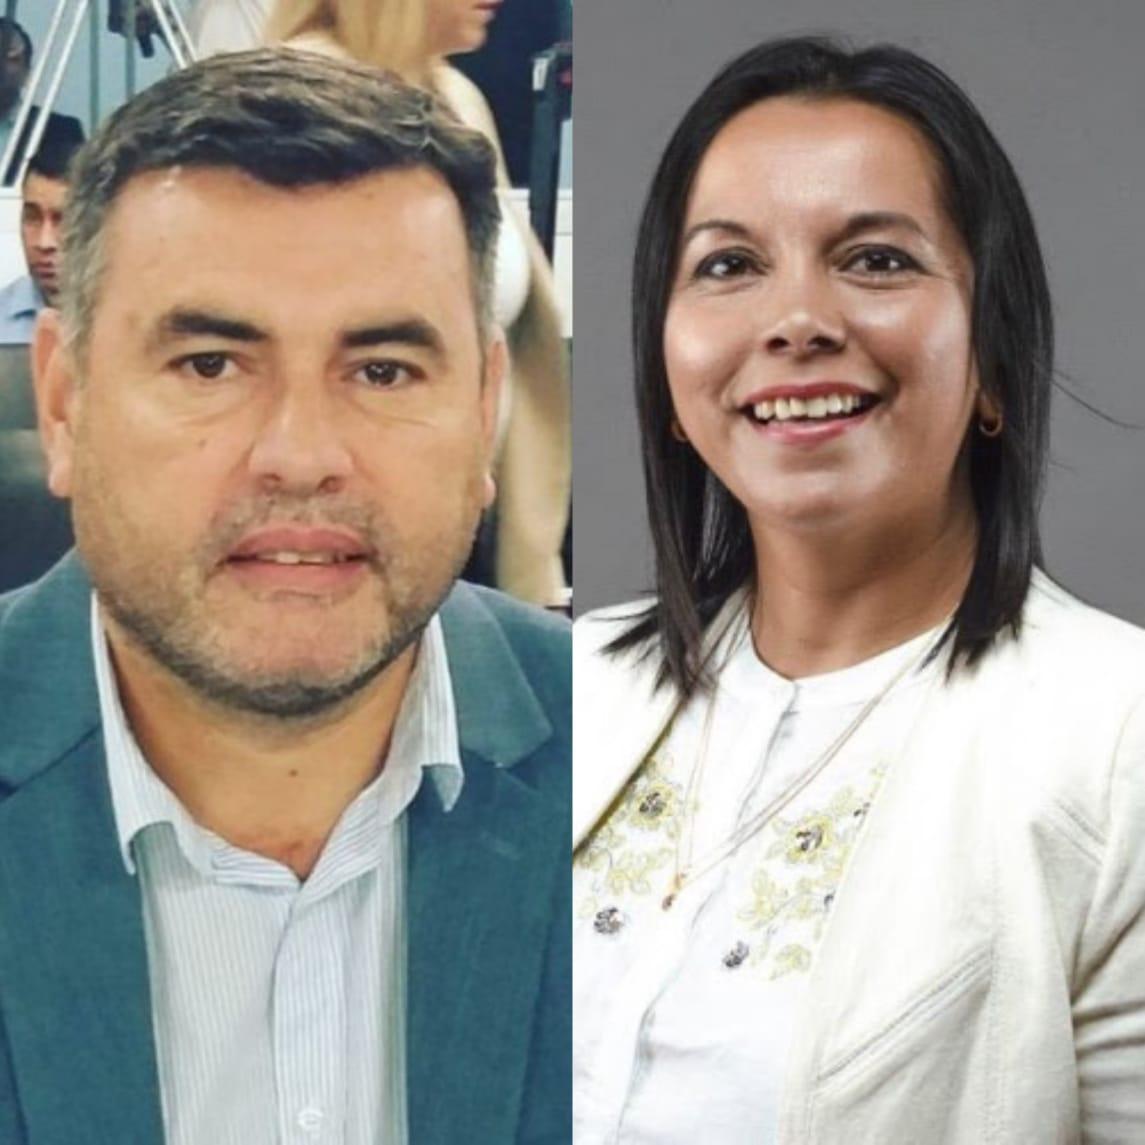 LILIANA PASCUA, DENUNCIÓ AL DIPUTADO ARADAS POR PONER EN RIESGO SU INTEGRIDAD FÍSICA